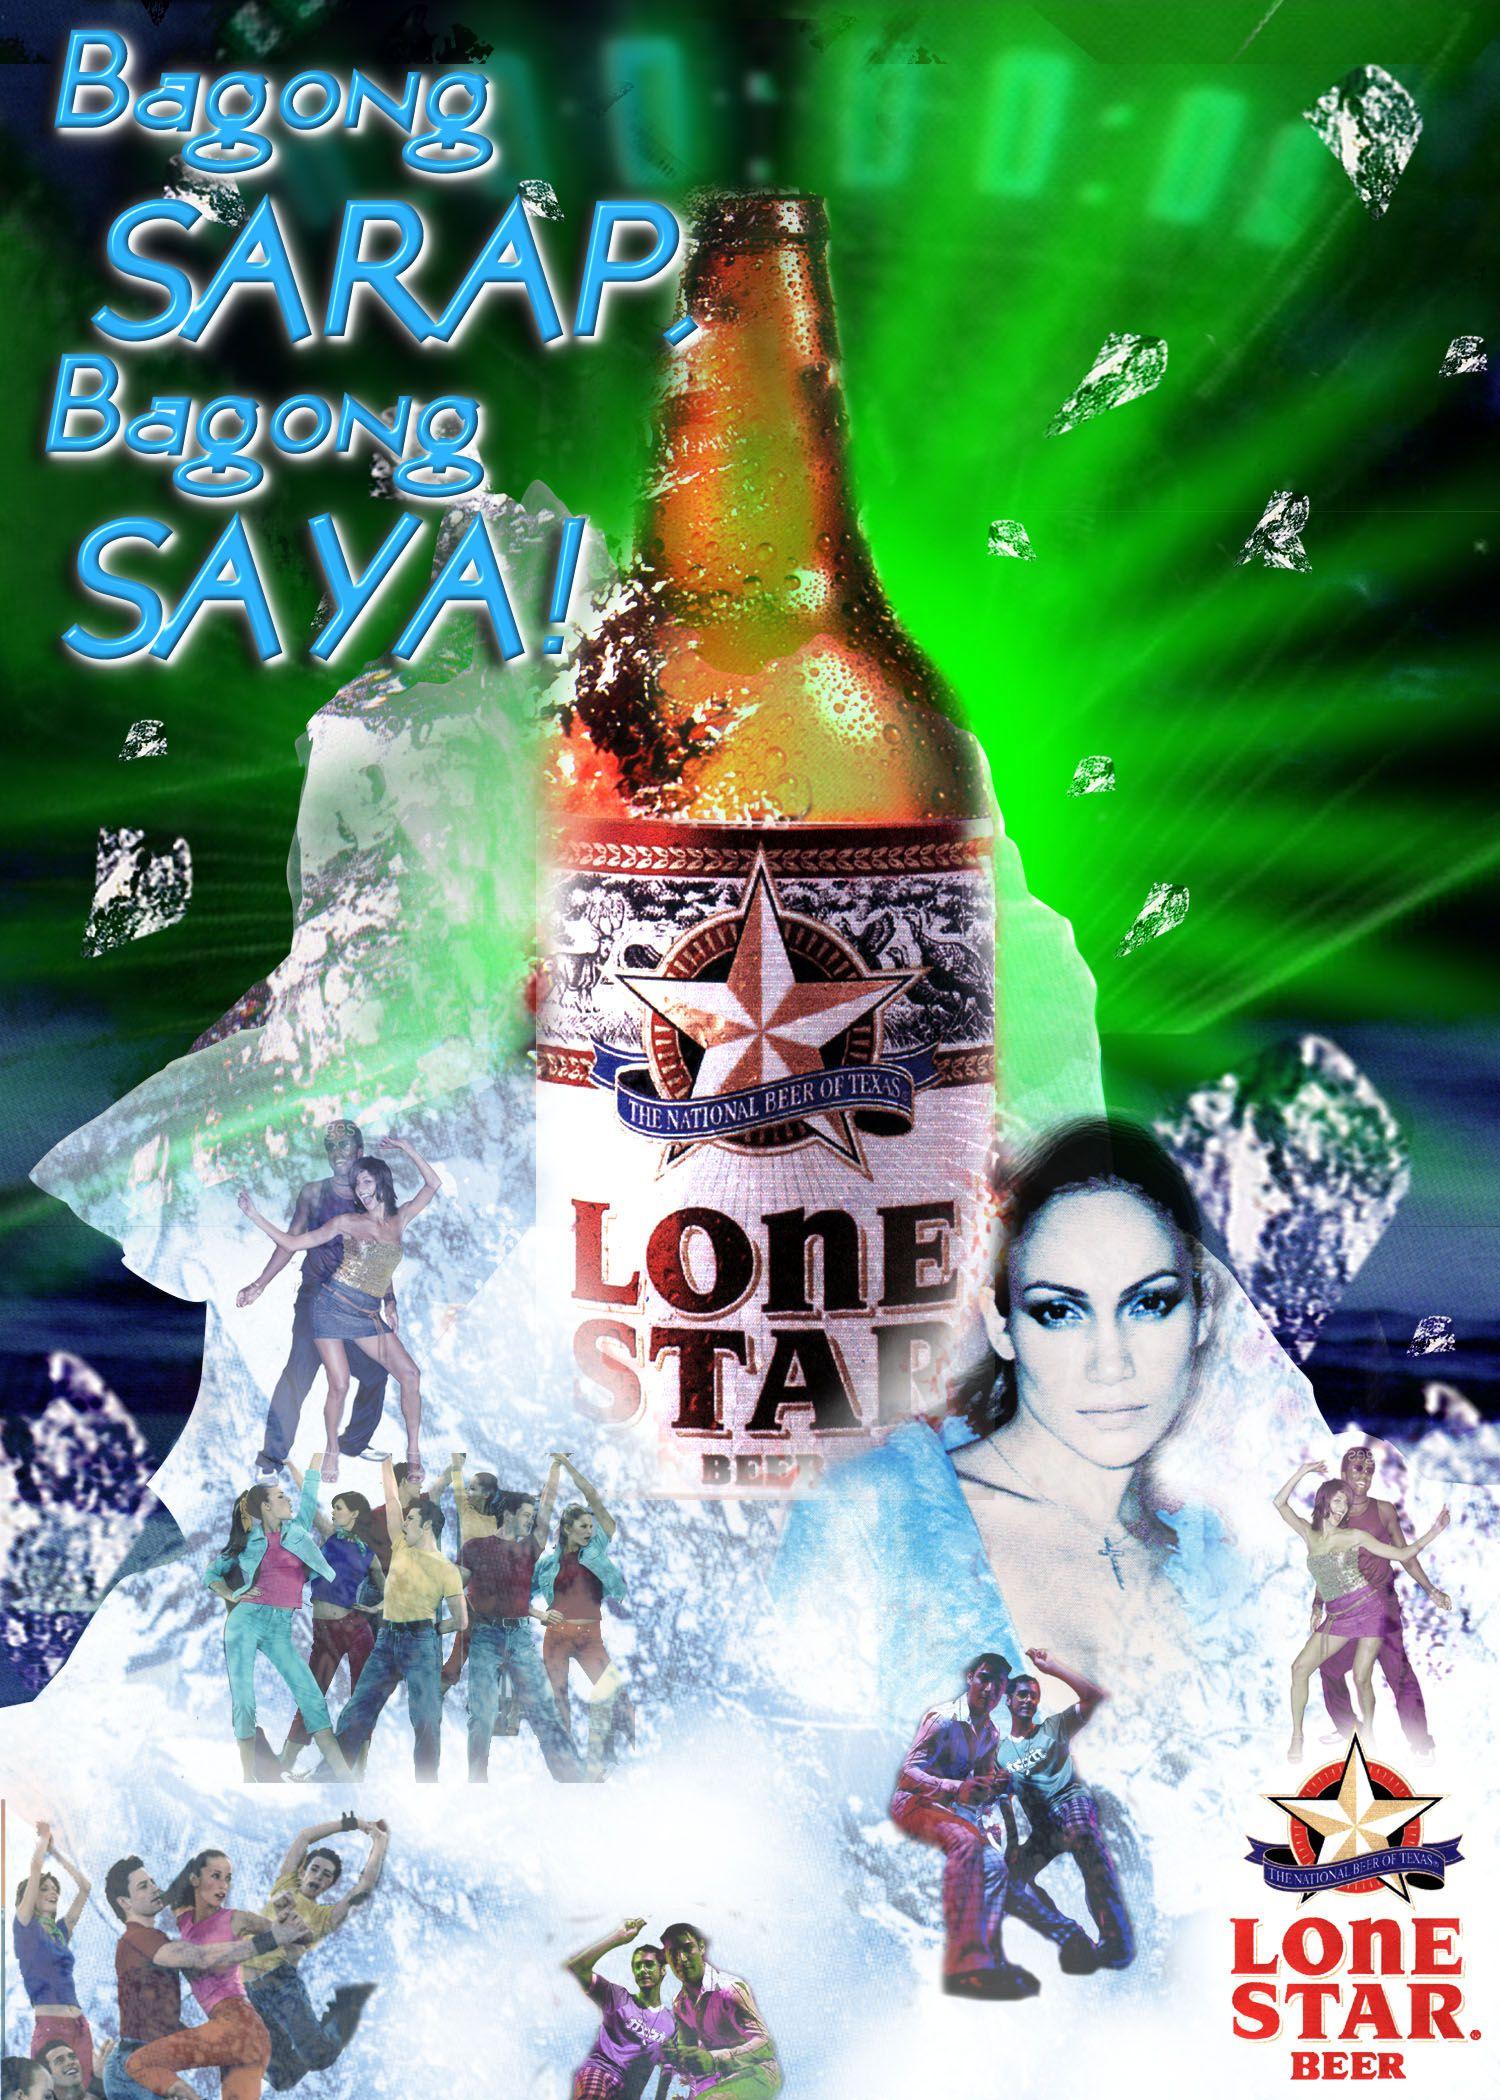 lonestar poster